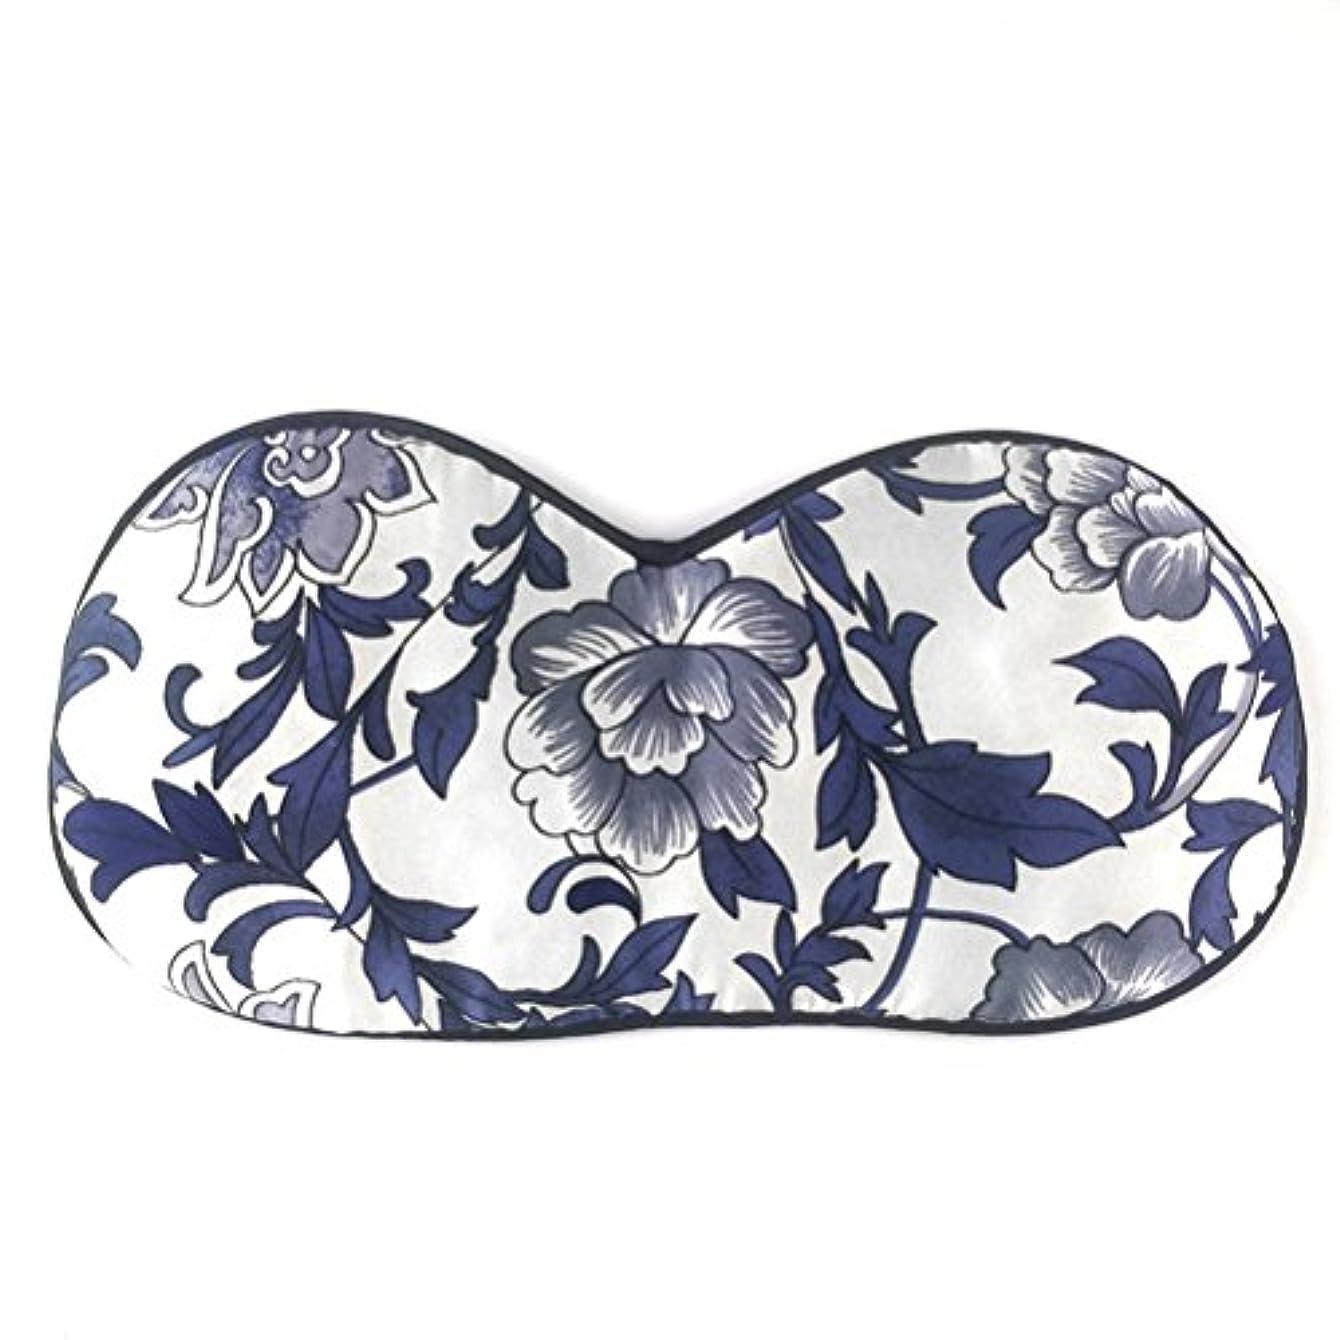 月曜人種気絶させるULTNICE シルク睡眠の目のマスク目隠しのアイシャドウ女性のための睡眠の昼寝の瞑想(青と白の磁器)